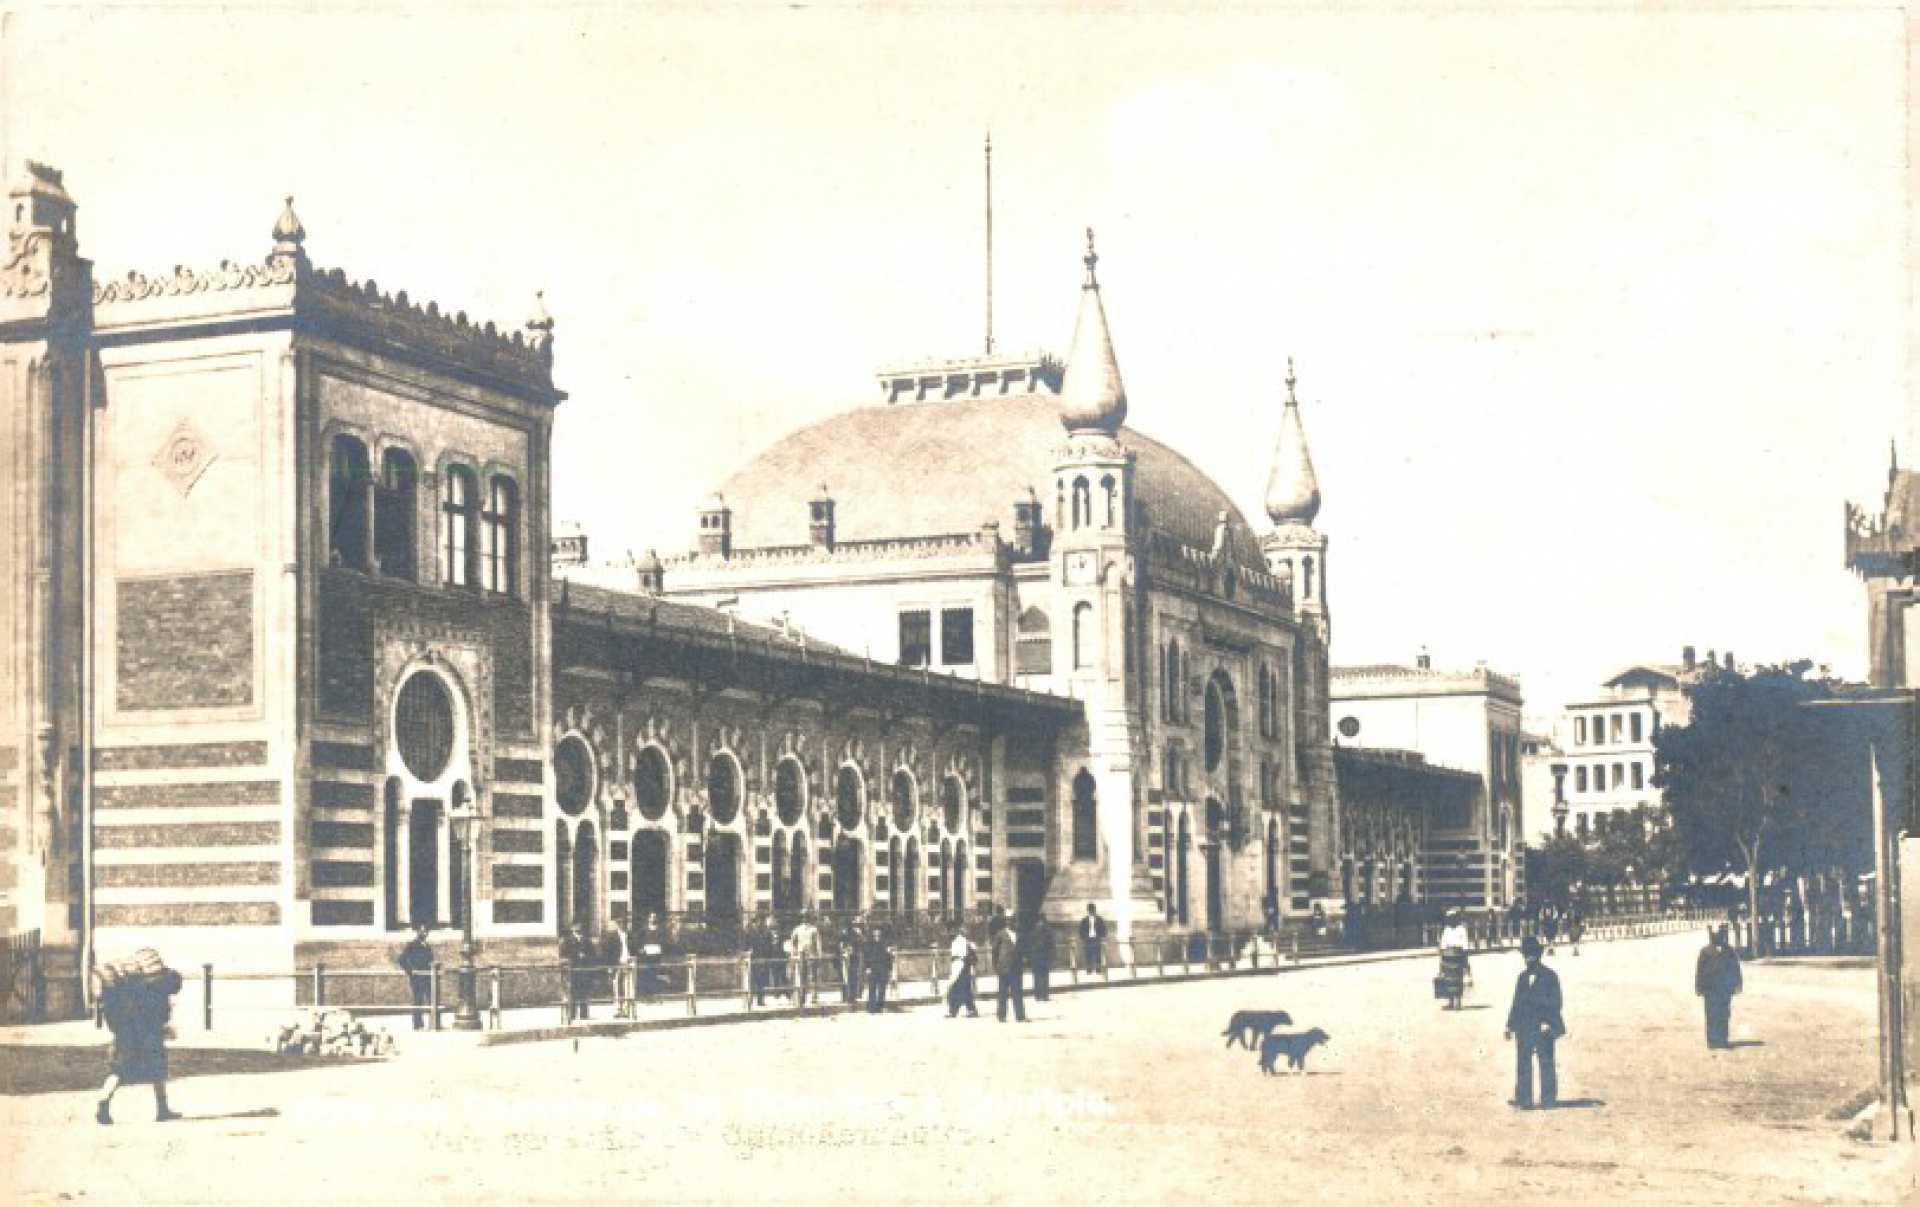 Gare des Chemins de fer odentaur à Constple